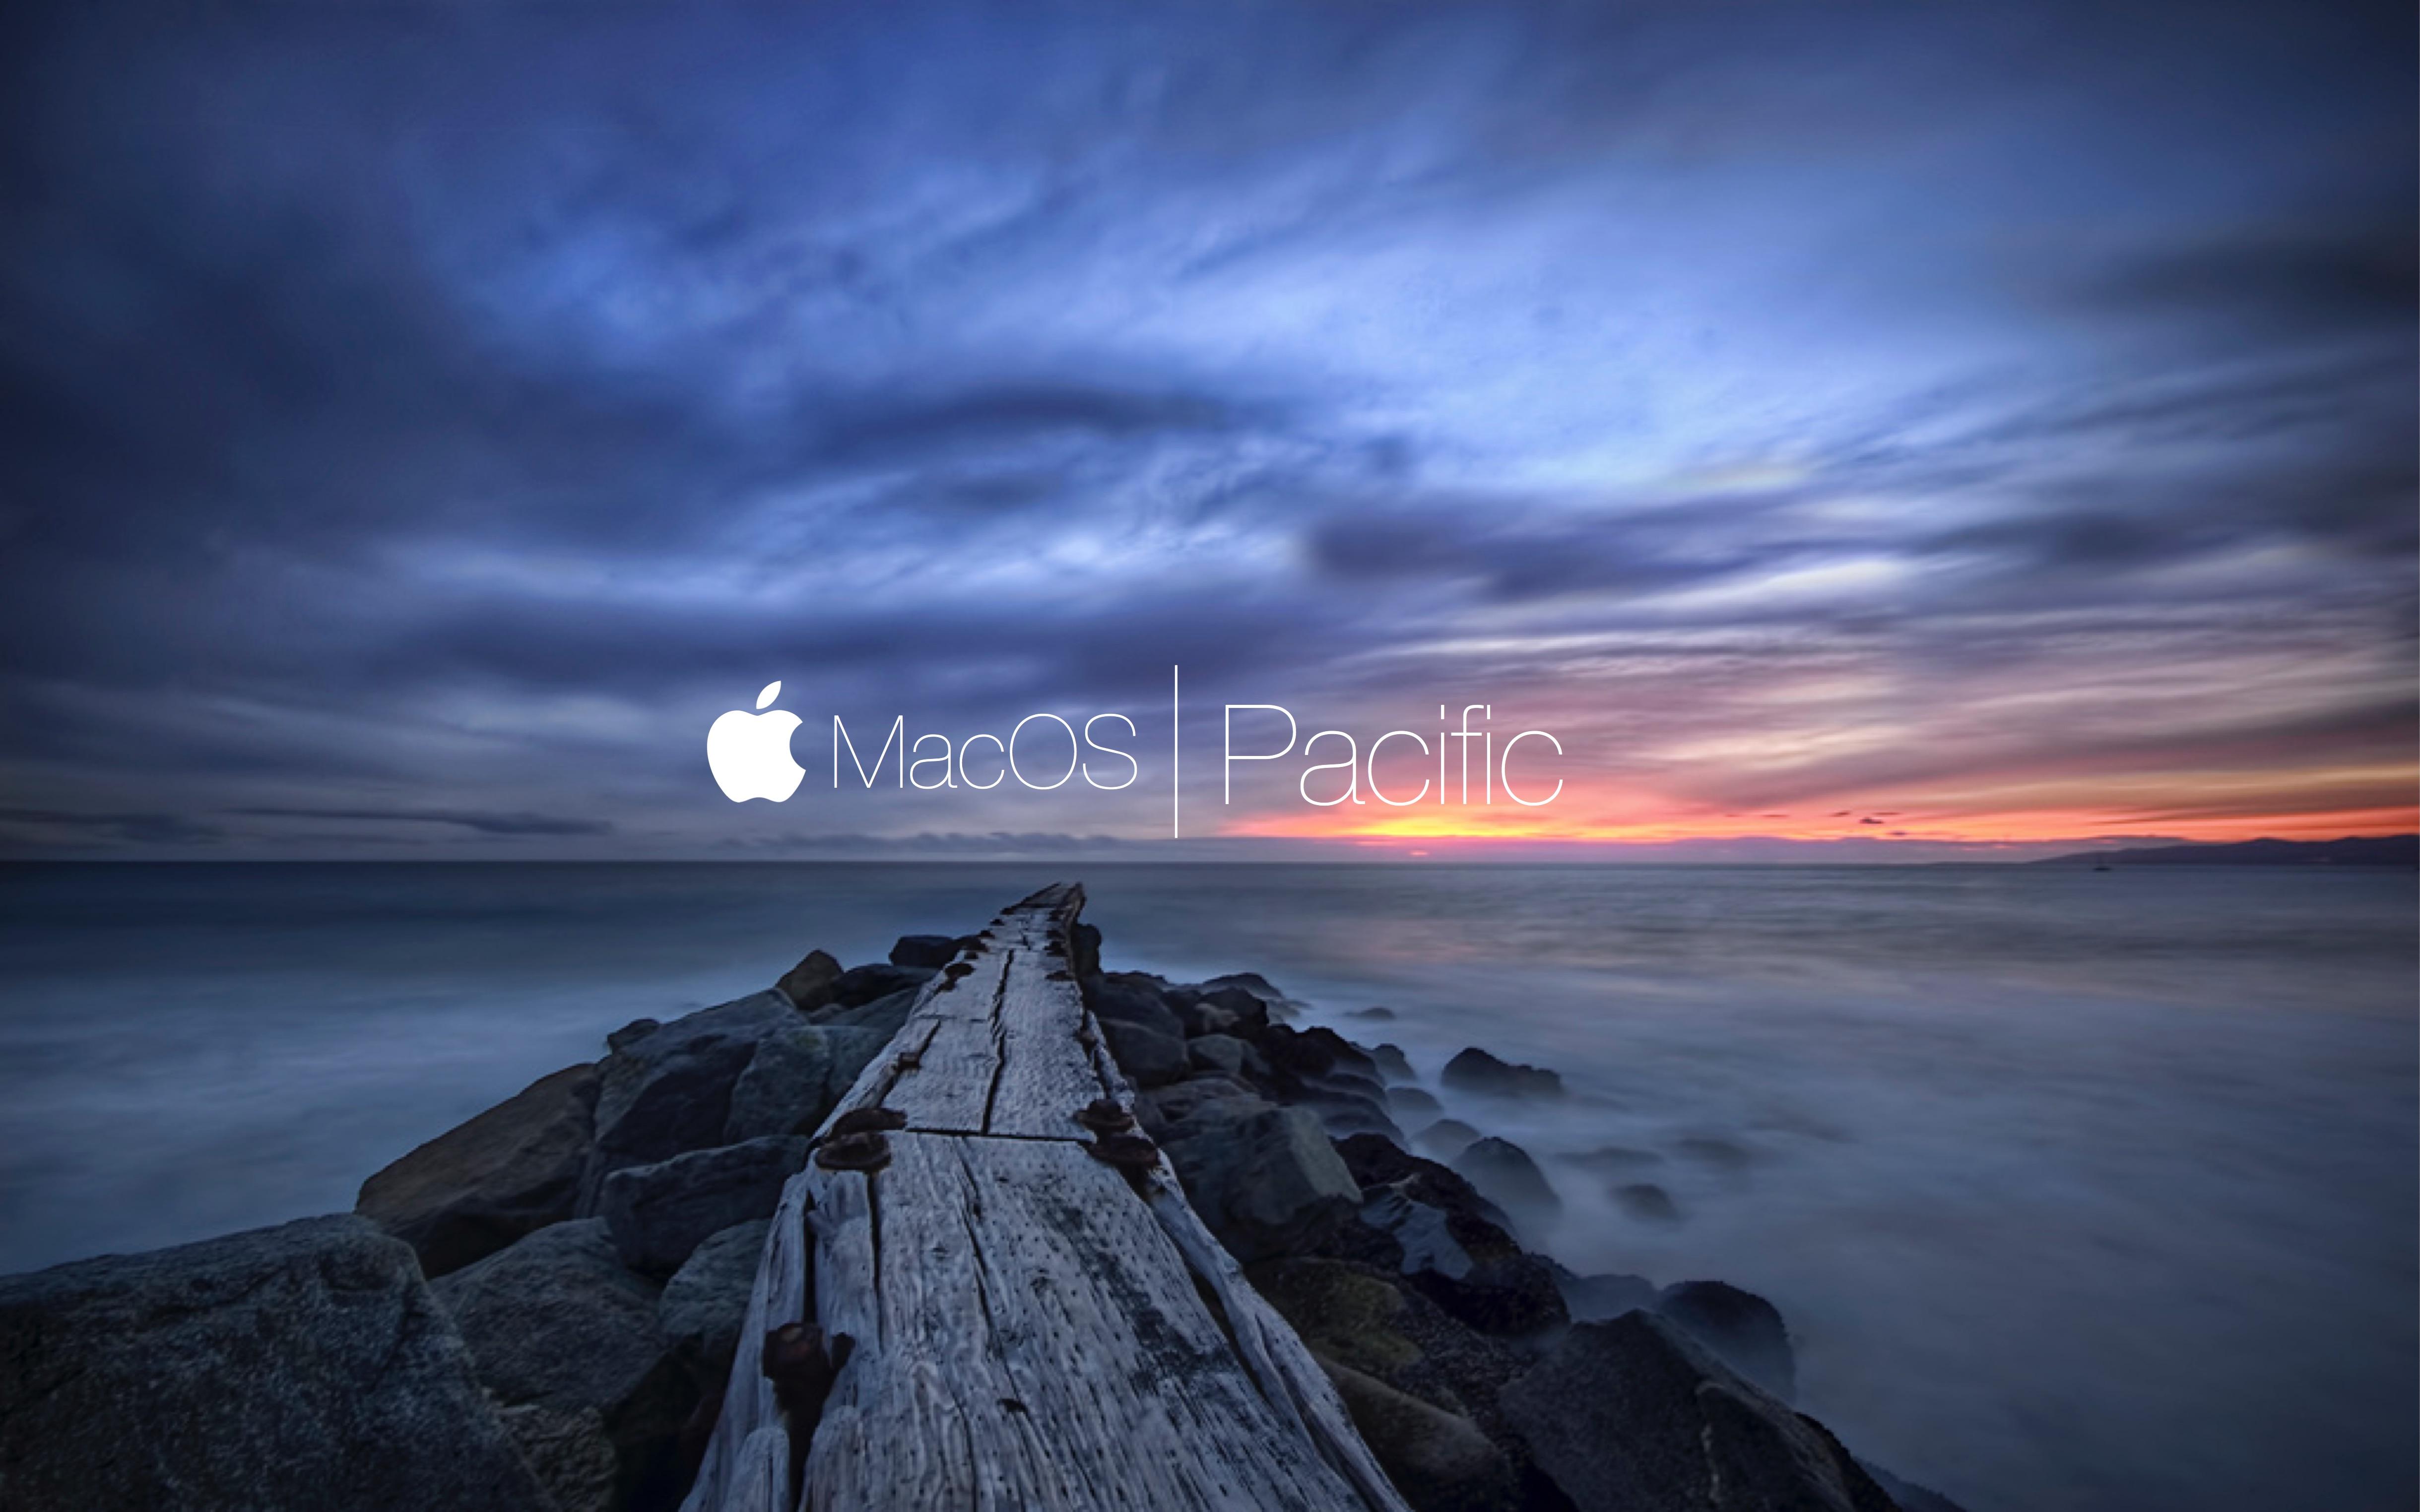 MacOS pacific.jpg